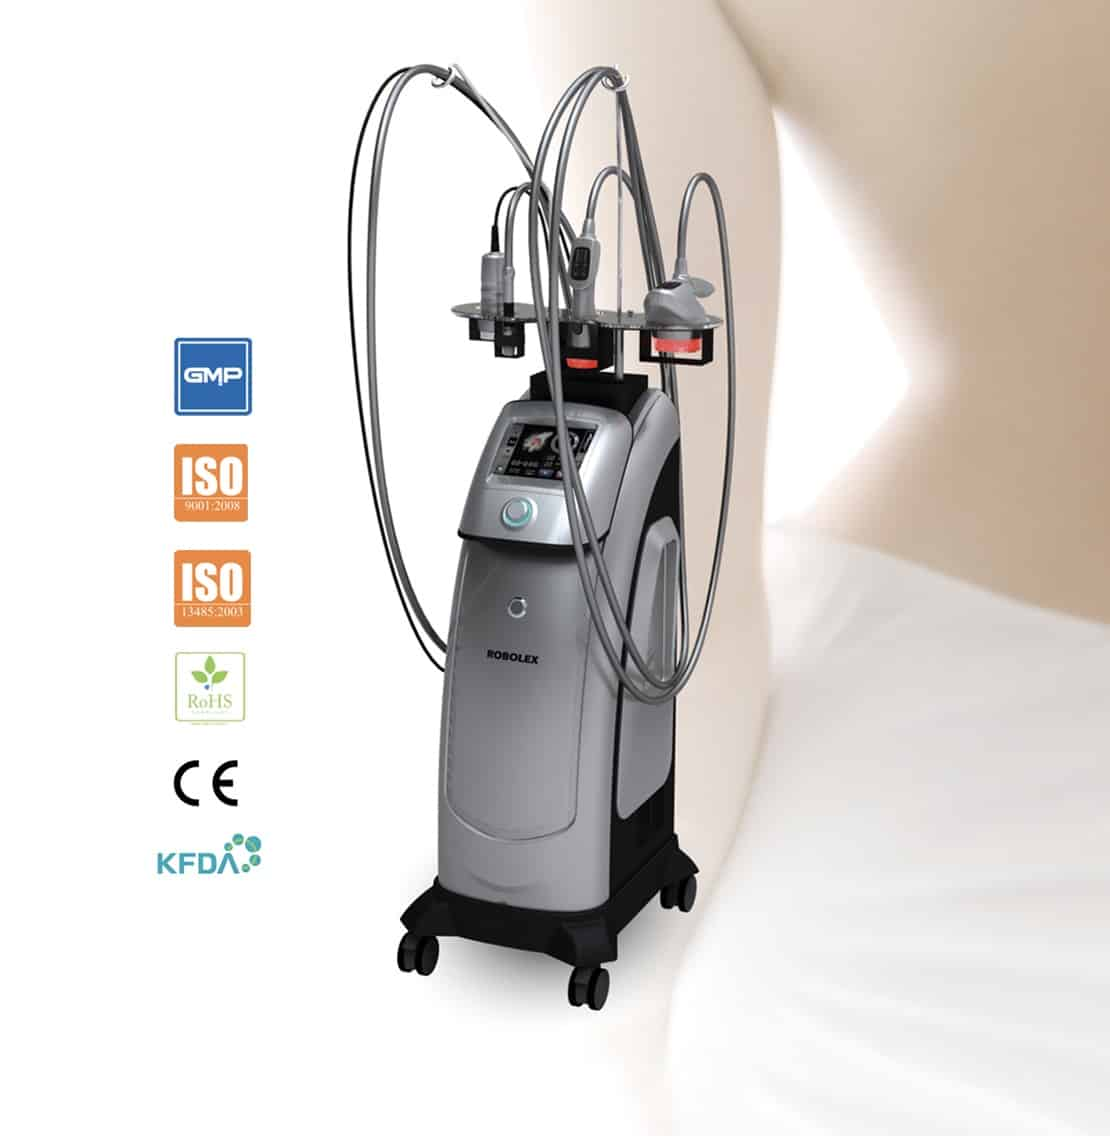 robolex trynea: radiofrecuencia, cavitación, vacum, laser para eliminacion celulitis, grasa, flacidez. Tratamiento facial rejuvenecimiento y corporal. Belium Medical distribuidor españa